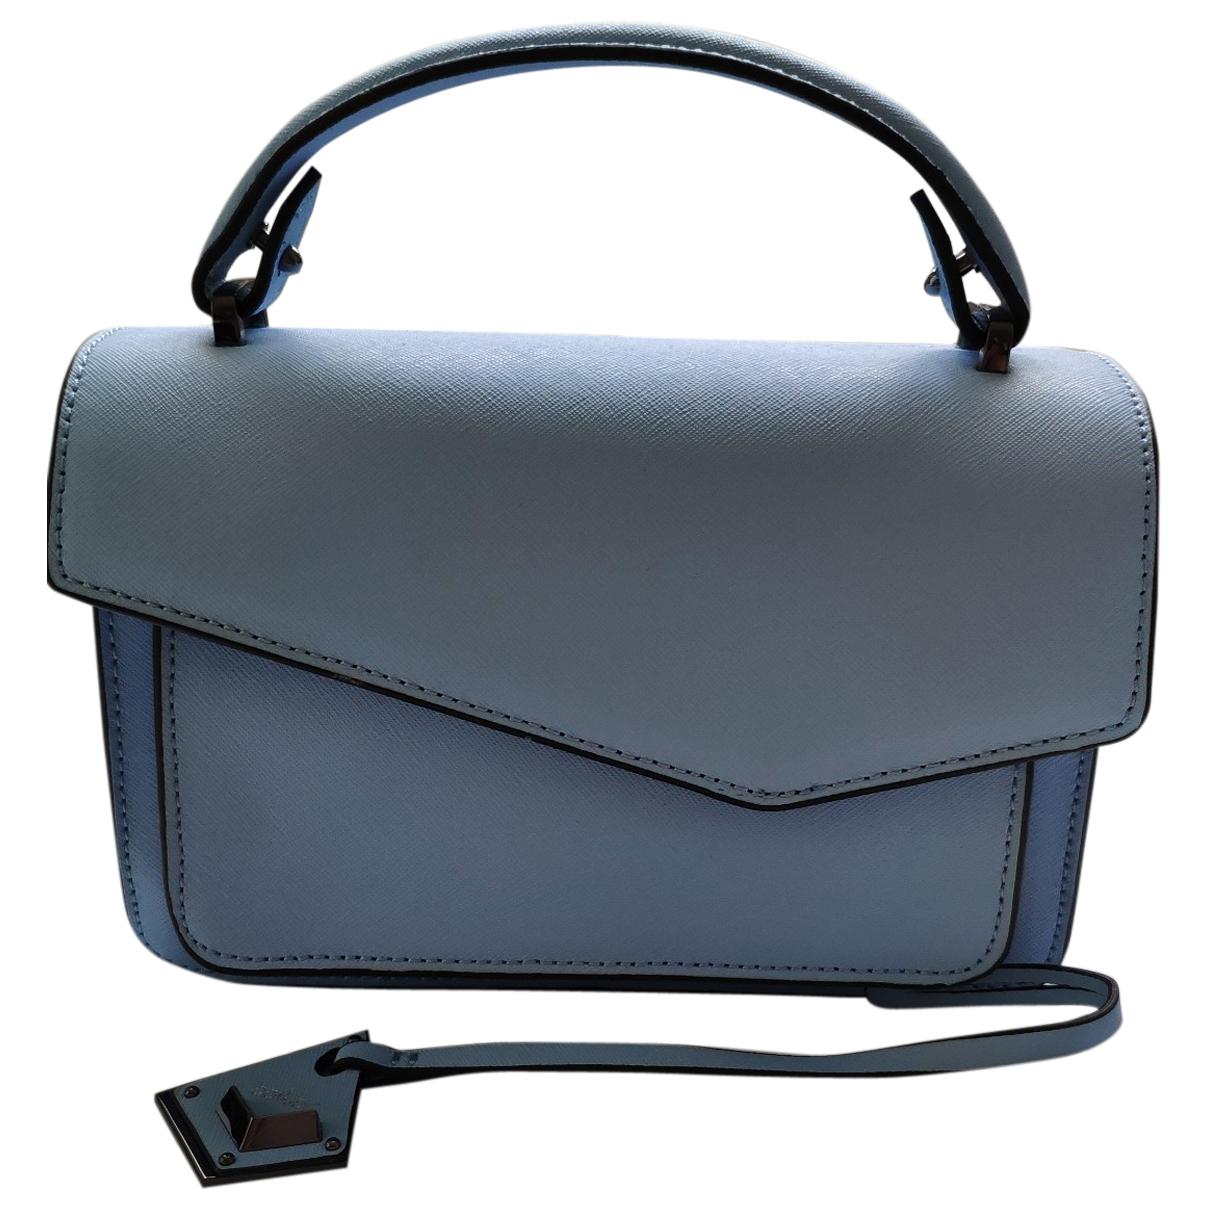 Botkier \N Blue Leather handbag for Women \N